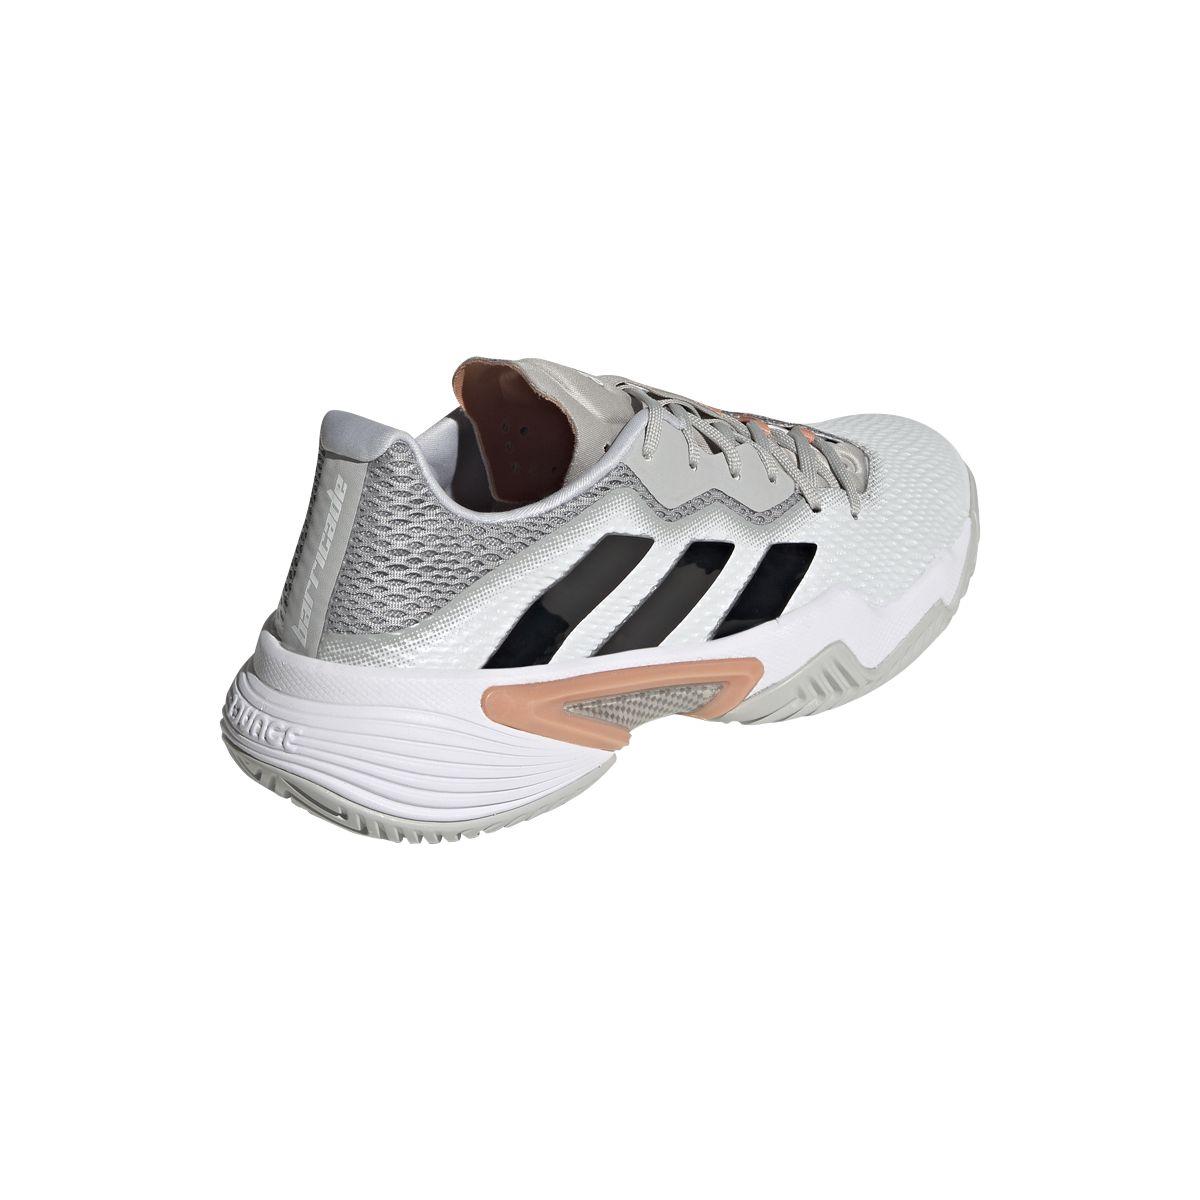 La linea inconfondibile dell'iconica Adidas Barricade